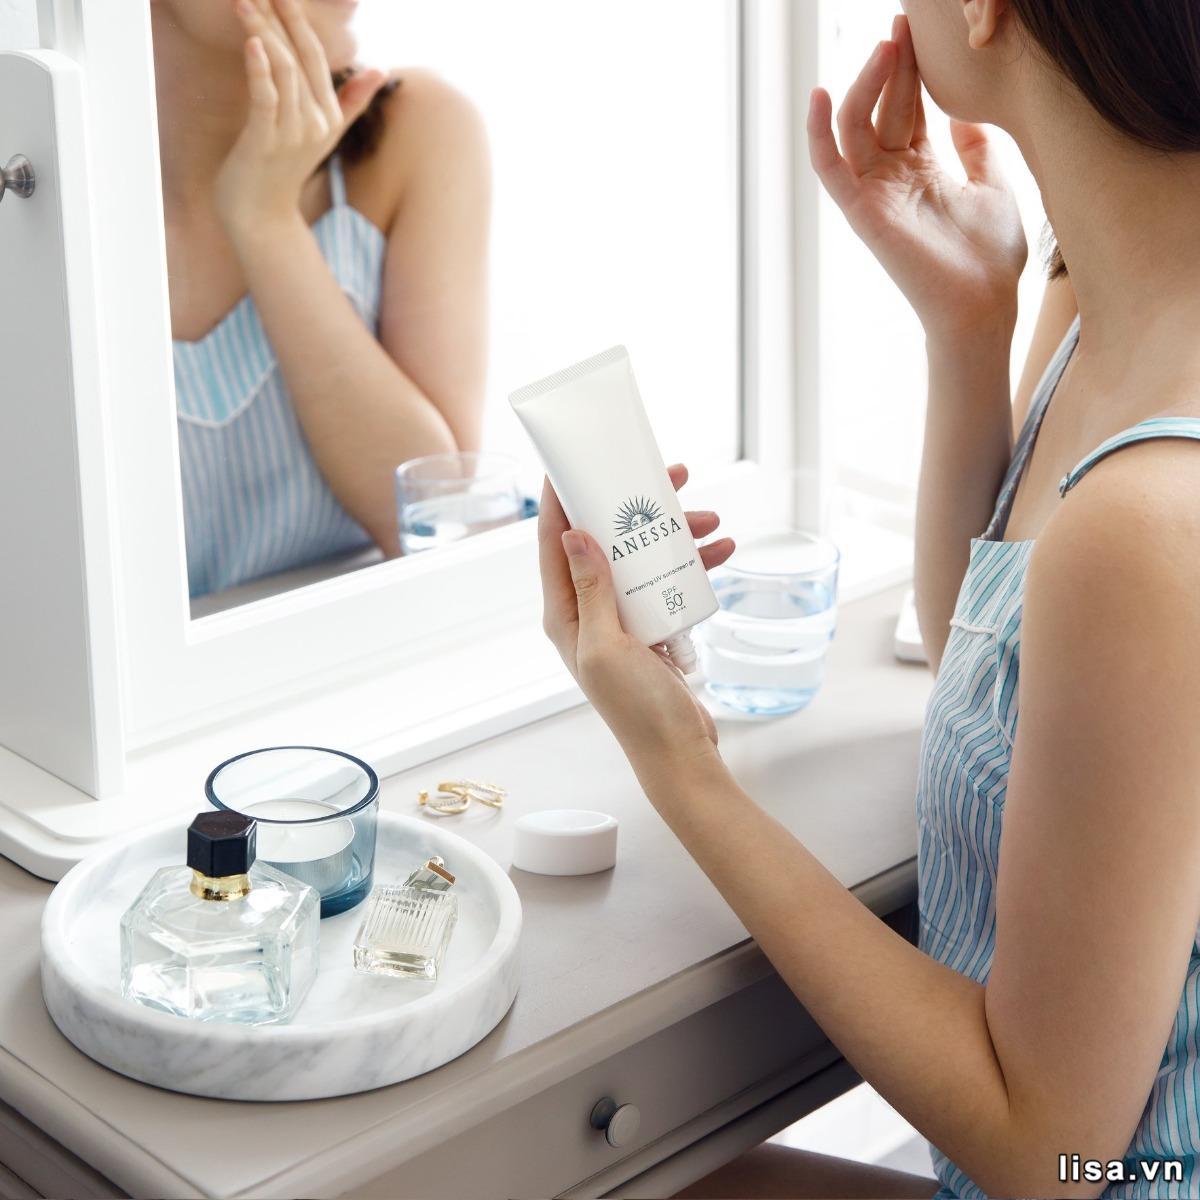 Kem chống nắng Anessa Whitening UV Sunscreen Gel sở hữu thiết kế nhỏ gọn, đẹp mắt